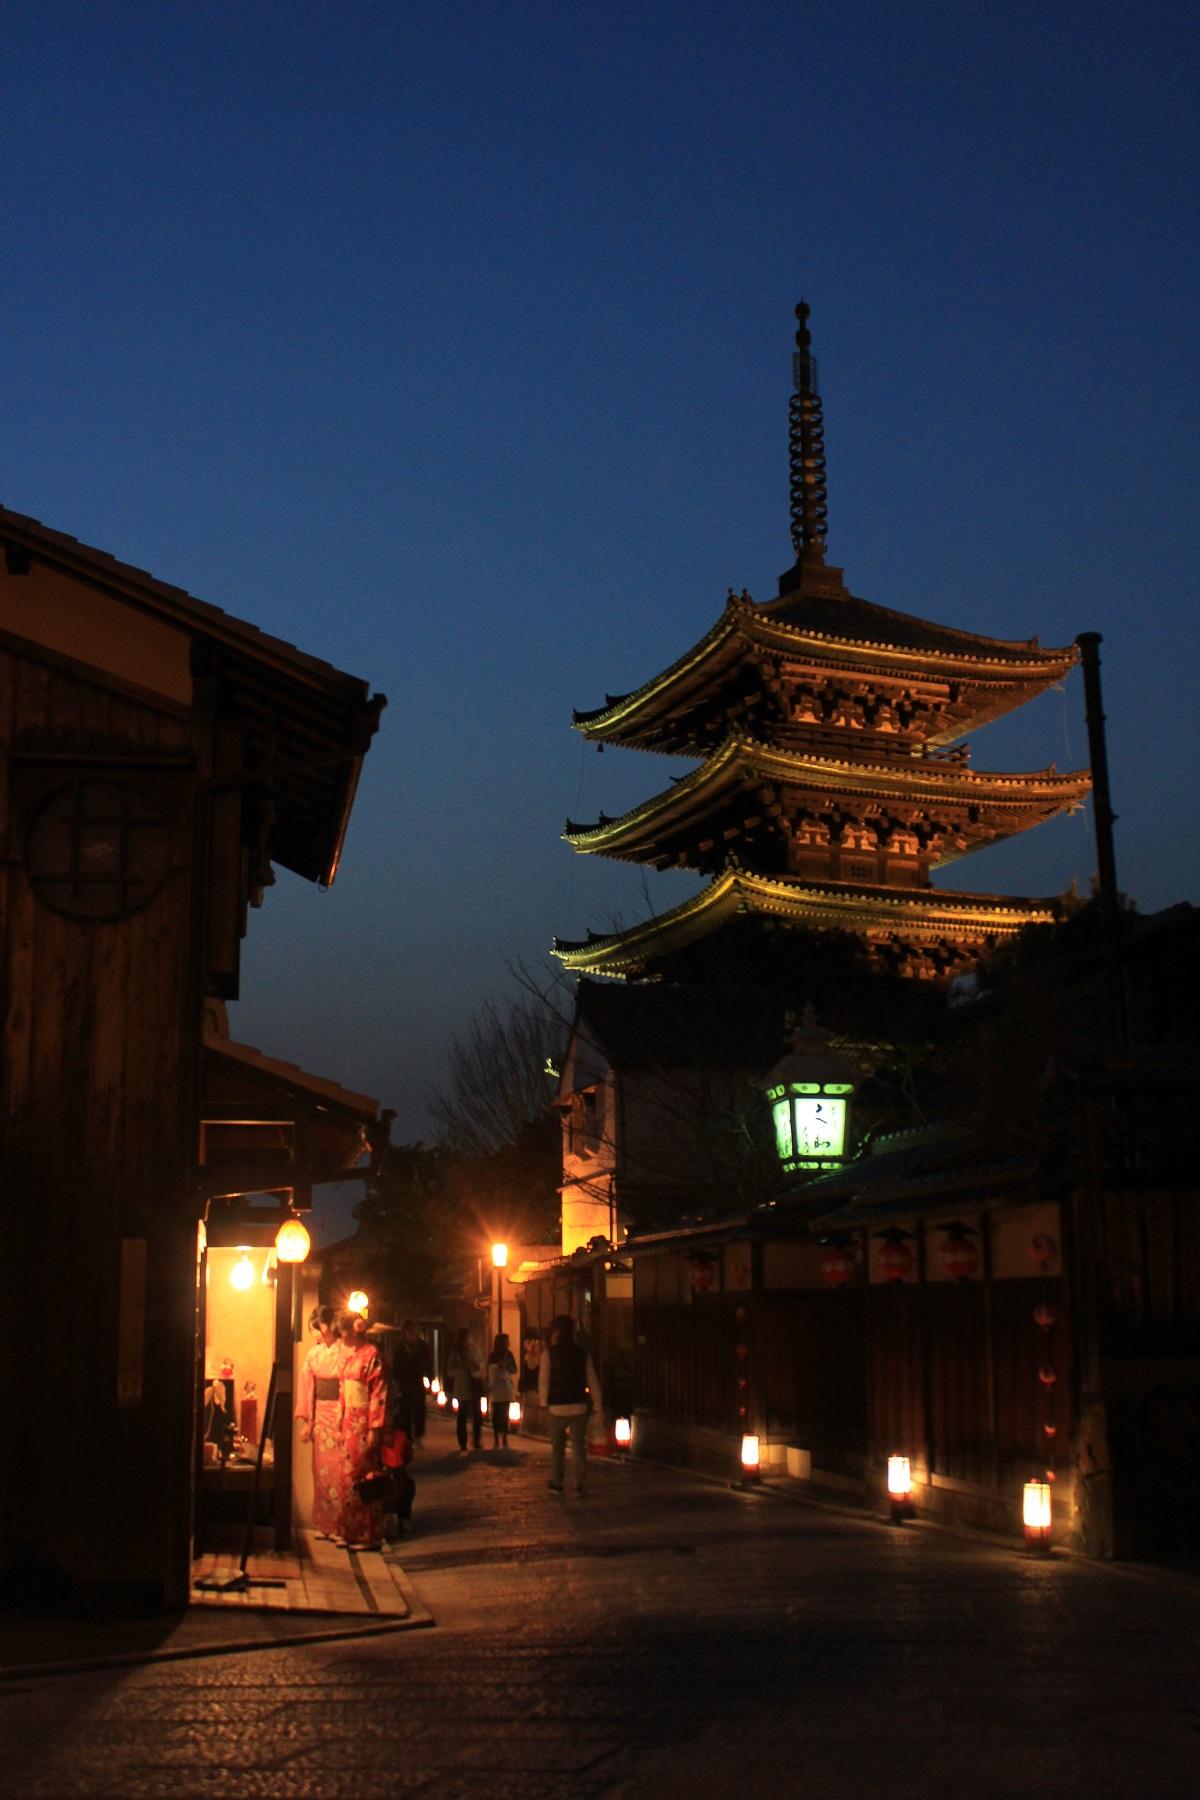 写真・図版 : 産寧坂地区の二年坂と八坂の塔周辺には、京都らしい町並みが残る=京都市、筆者撮影